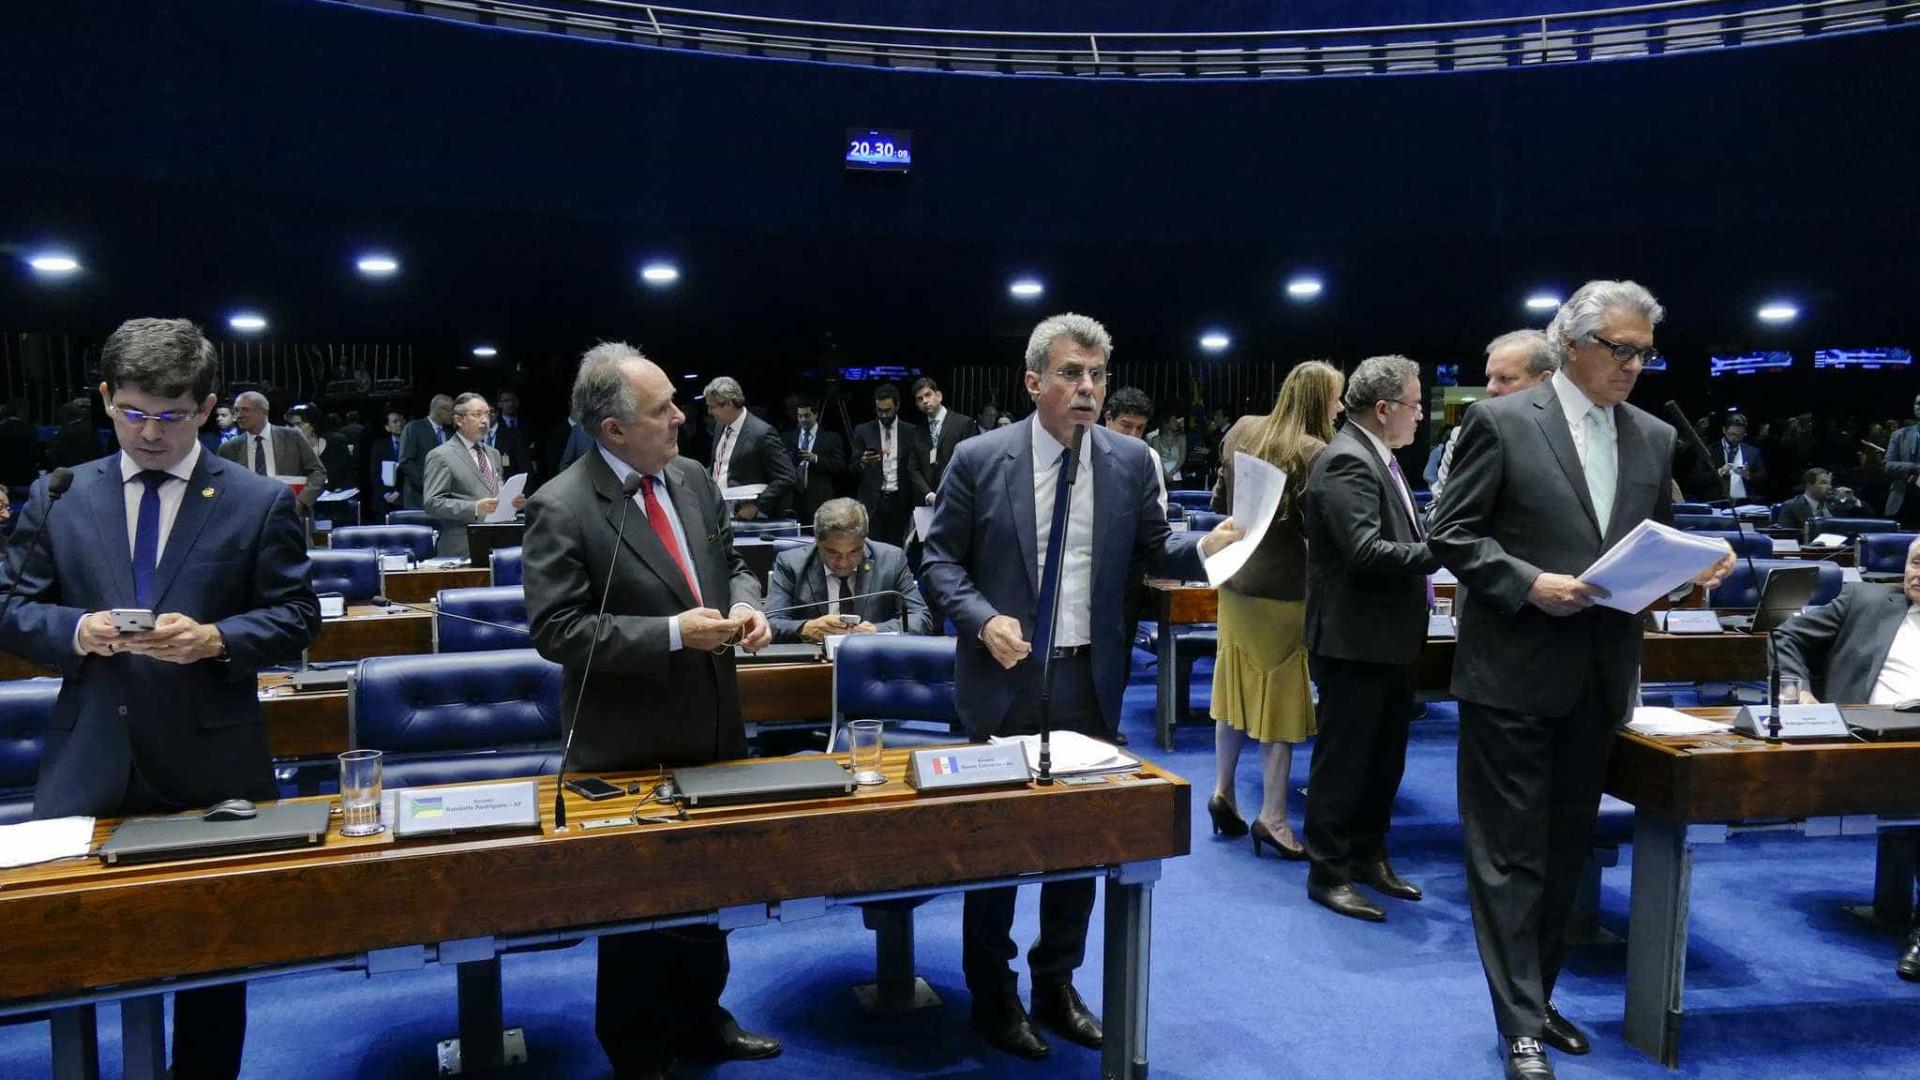 Senado quer começar a votar hoje projeto sobre financiamento de fundo eleitoral